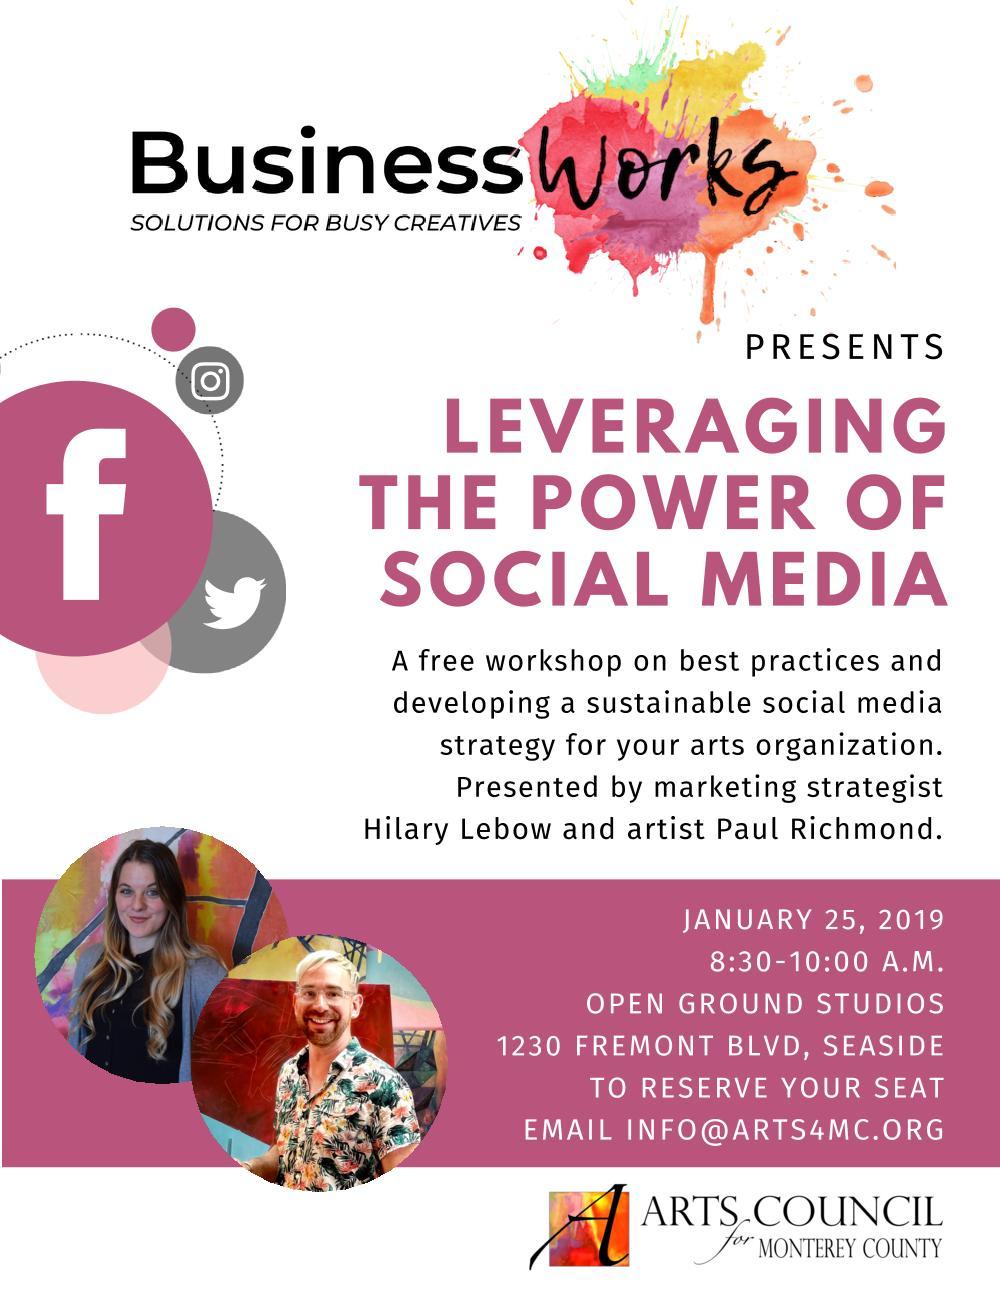 BusinessWorks.jpg